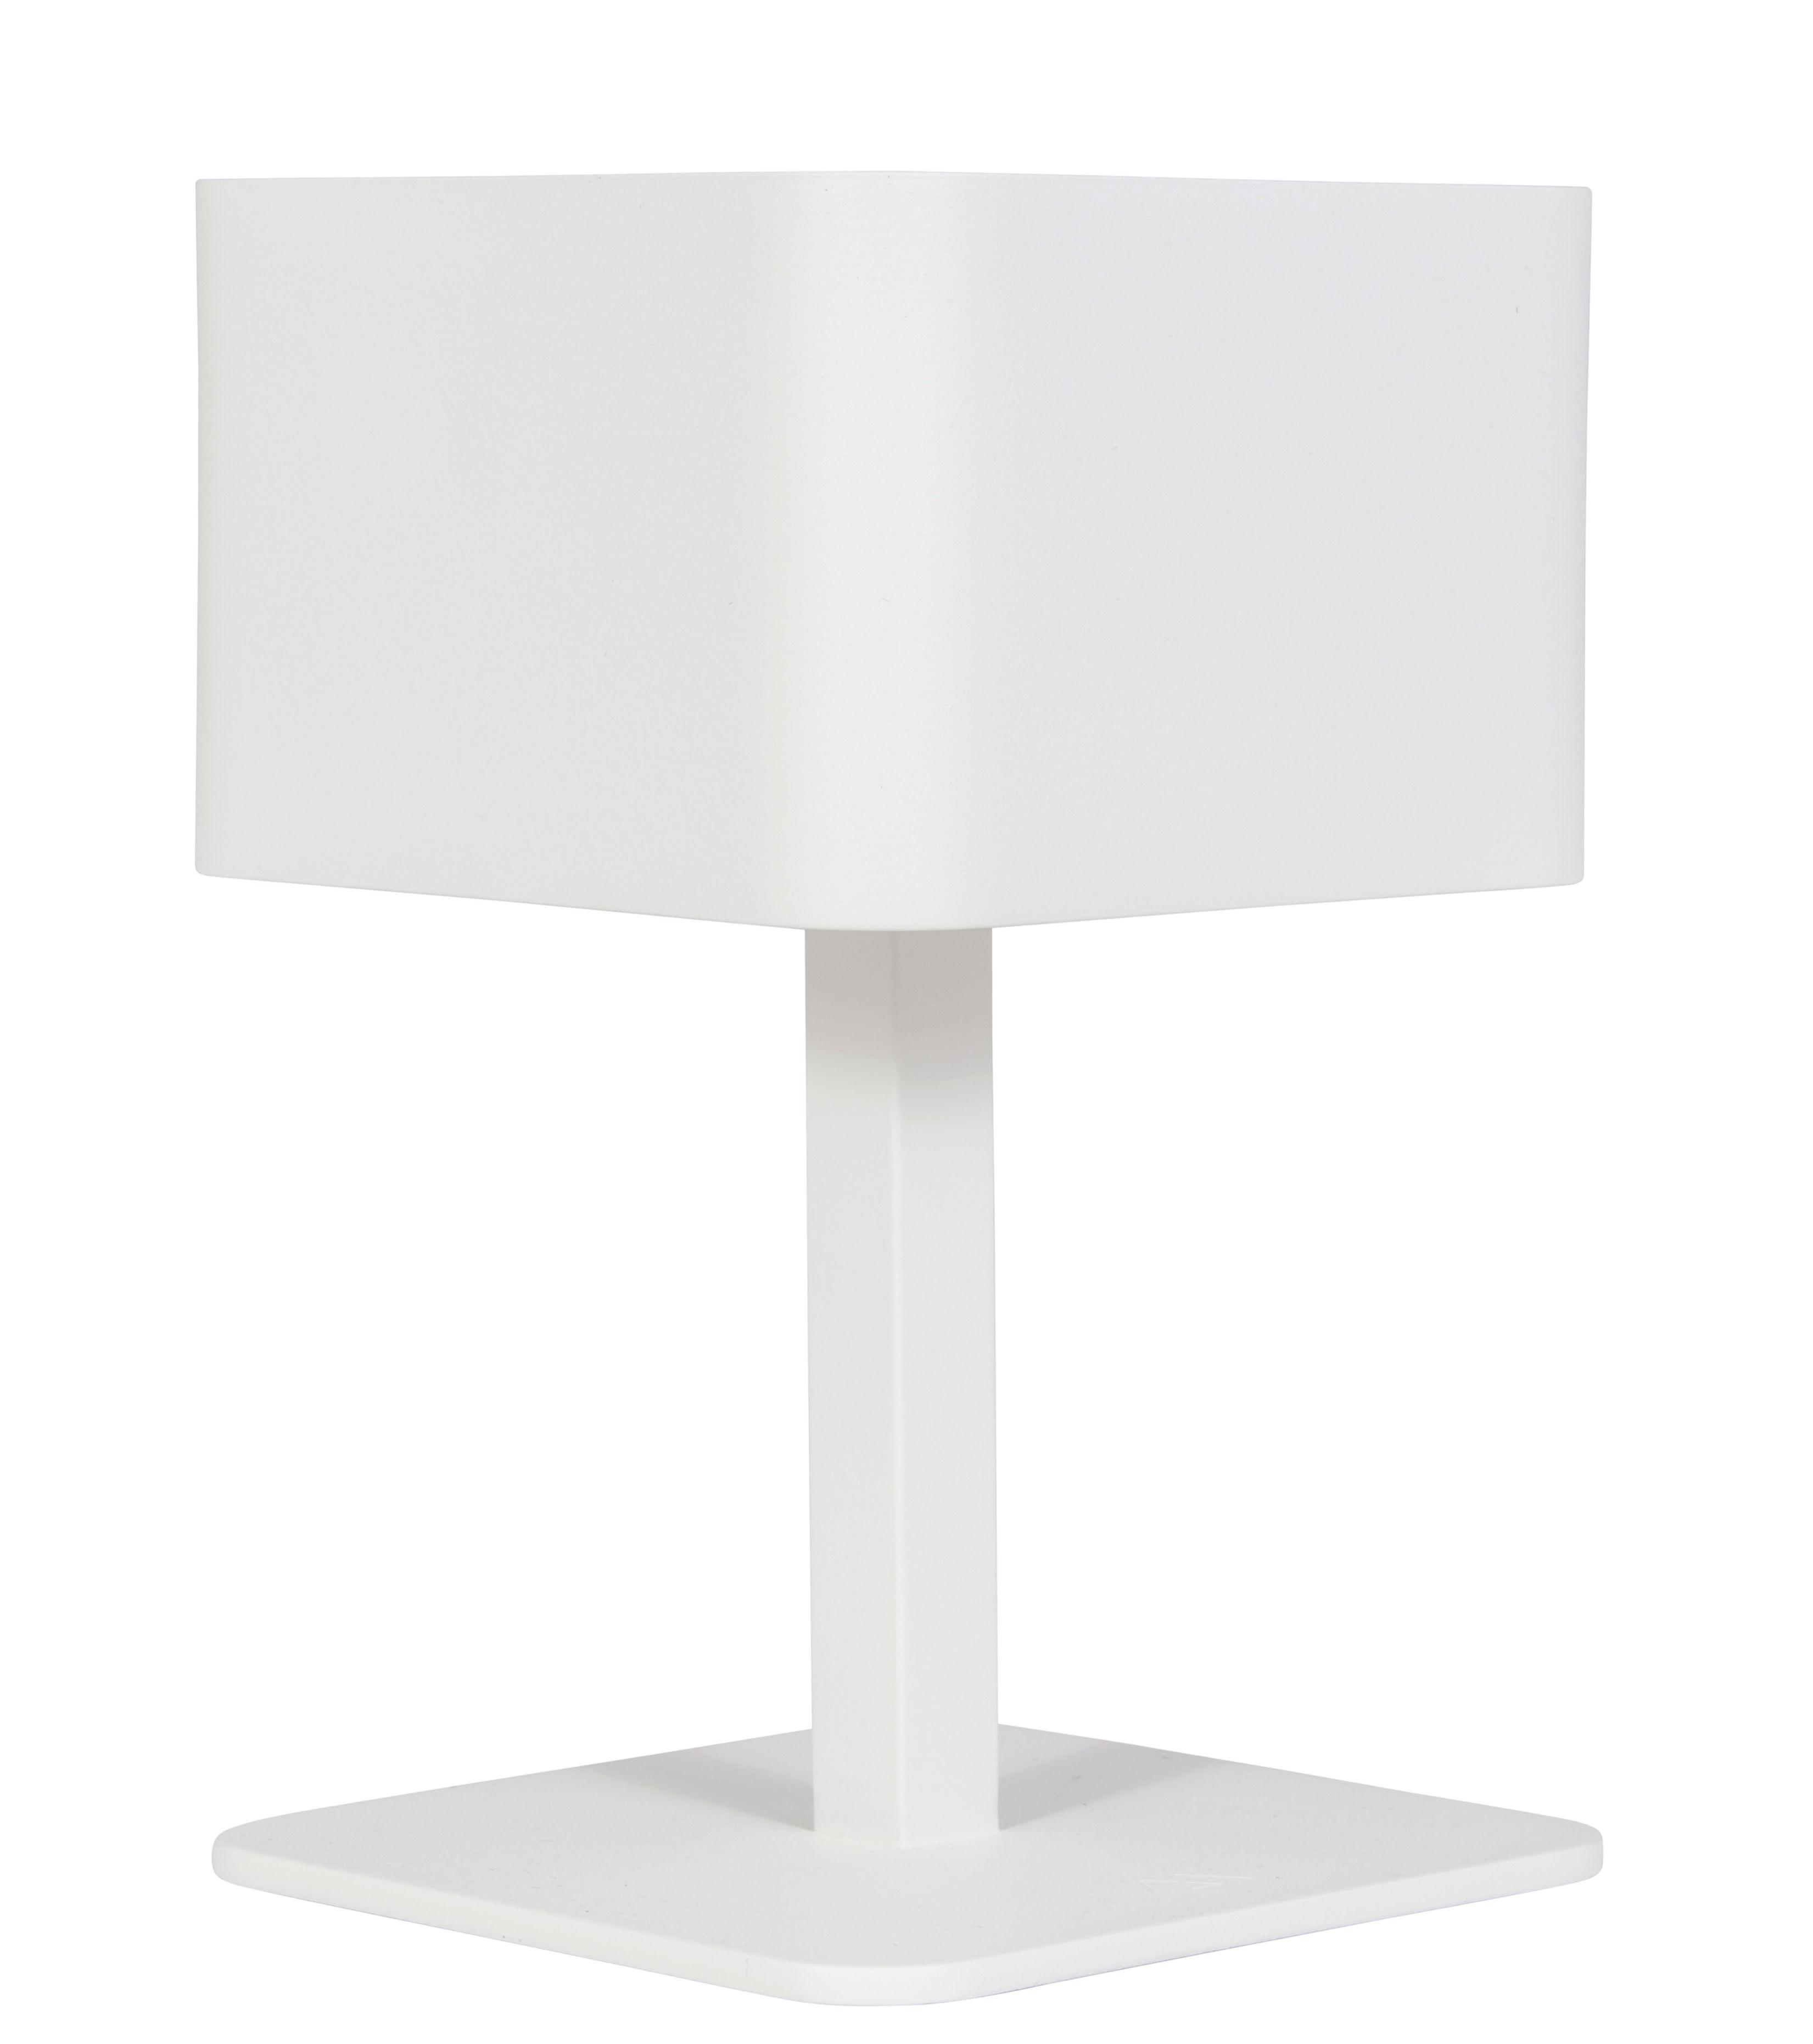 Illuminazione - Lampade da tavolo - Lampada solare La Lampe Pose 02 / LED - Senza fili - Maiori - Bianco - Alluminio